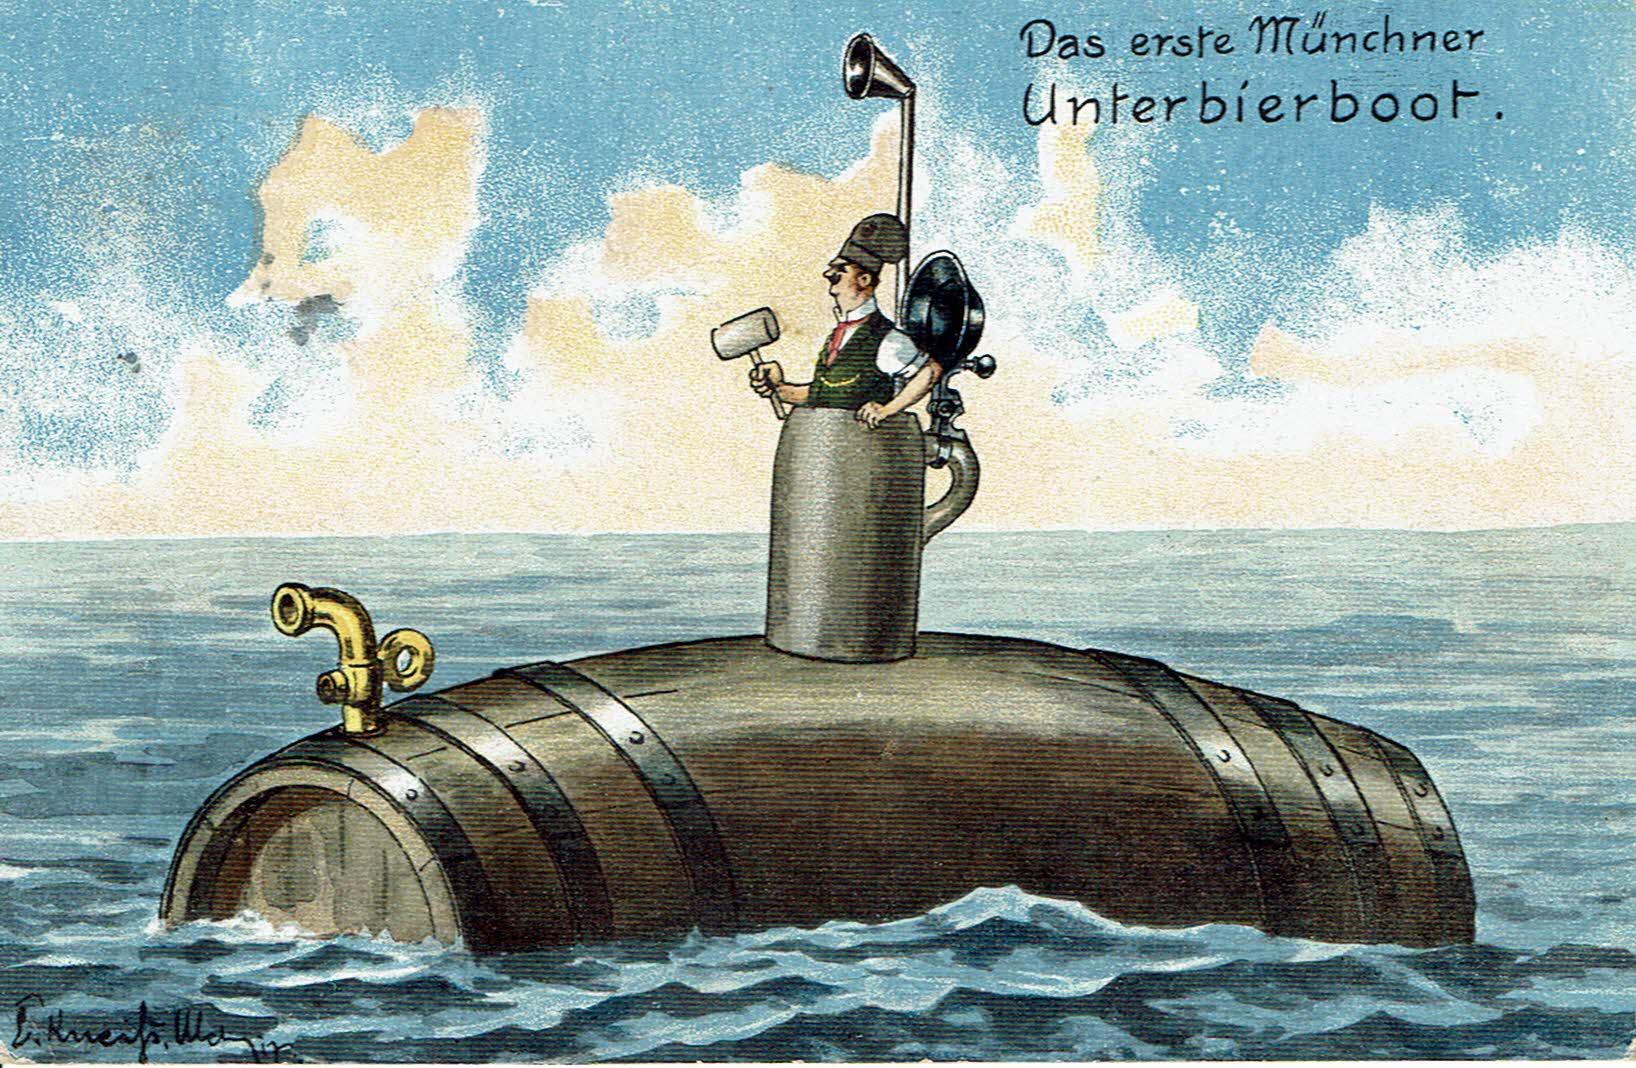 Das erste Münchner Unterbierboot